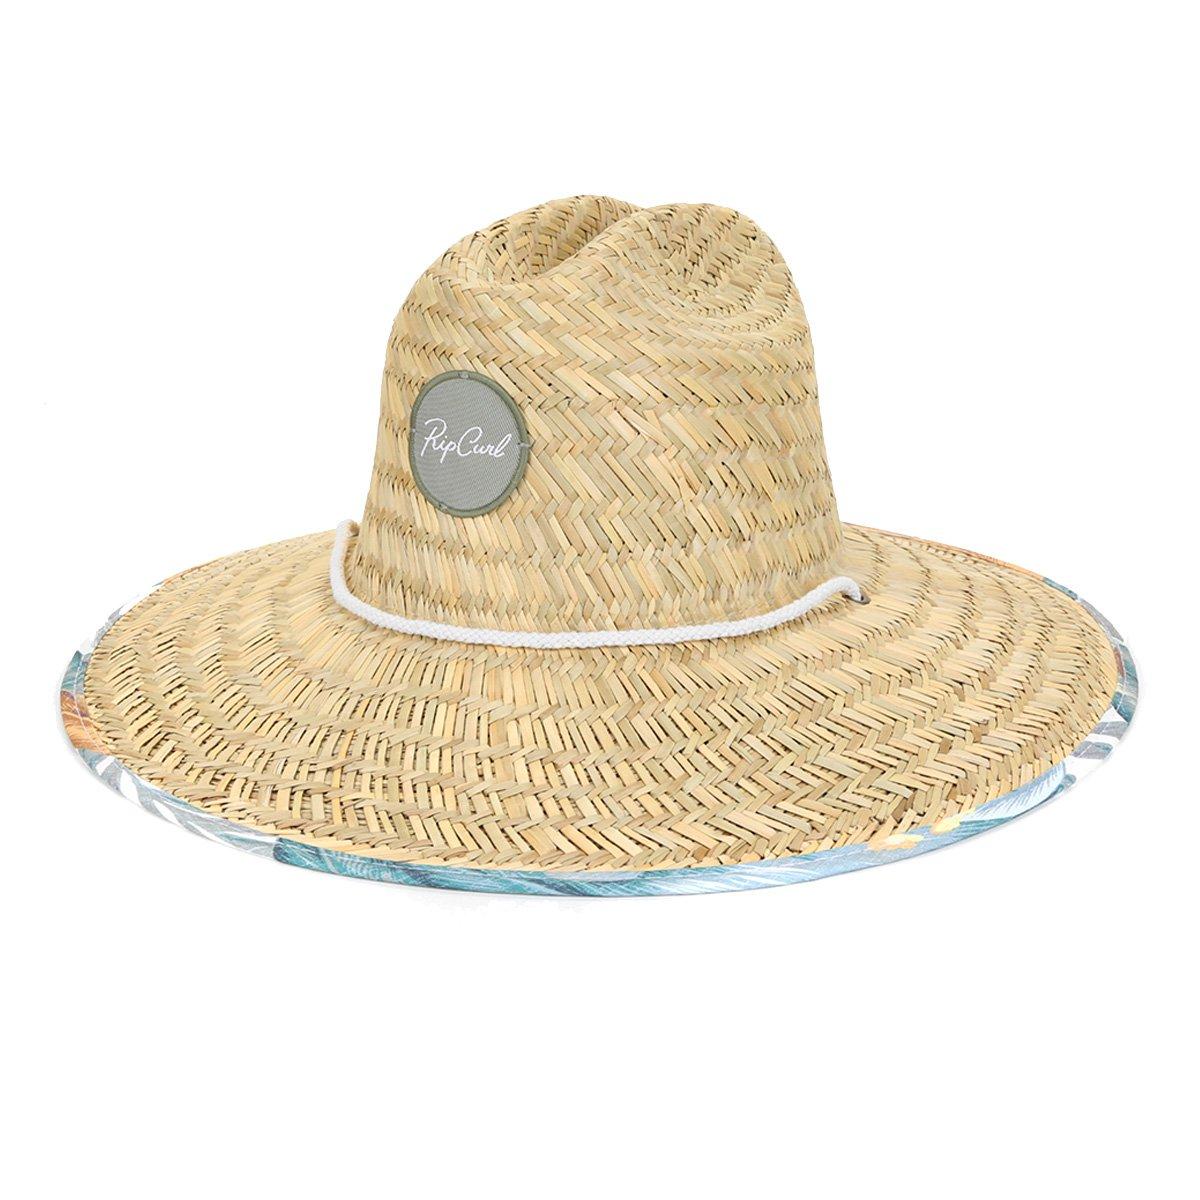 Chapéu Rip Curl Tropic Sol Straw Hat Feminino